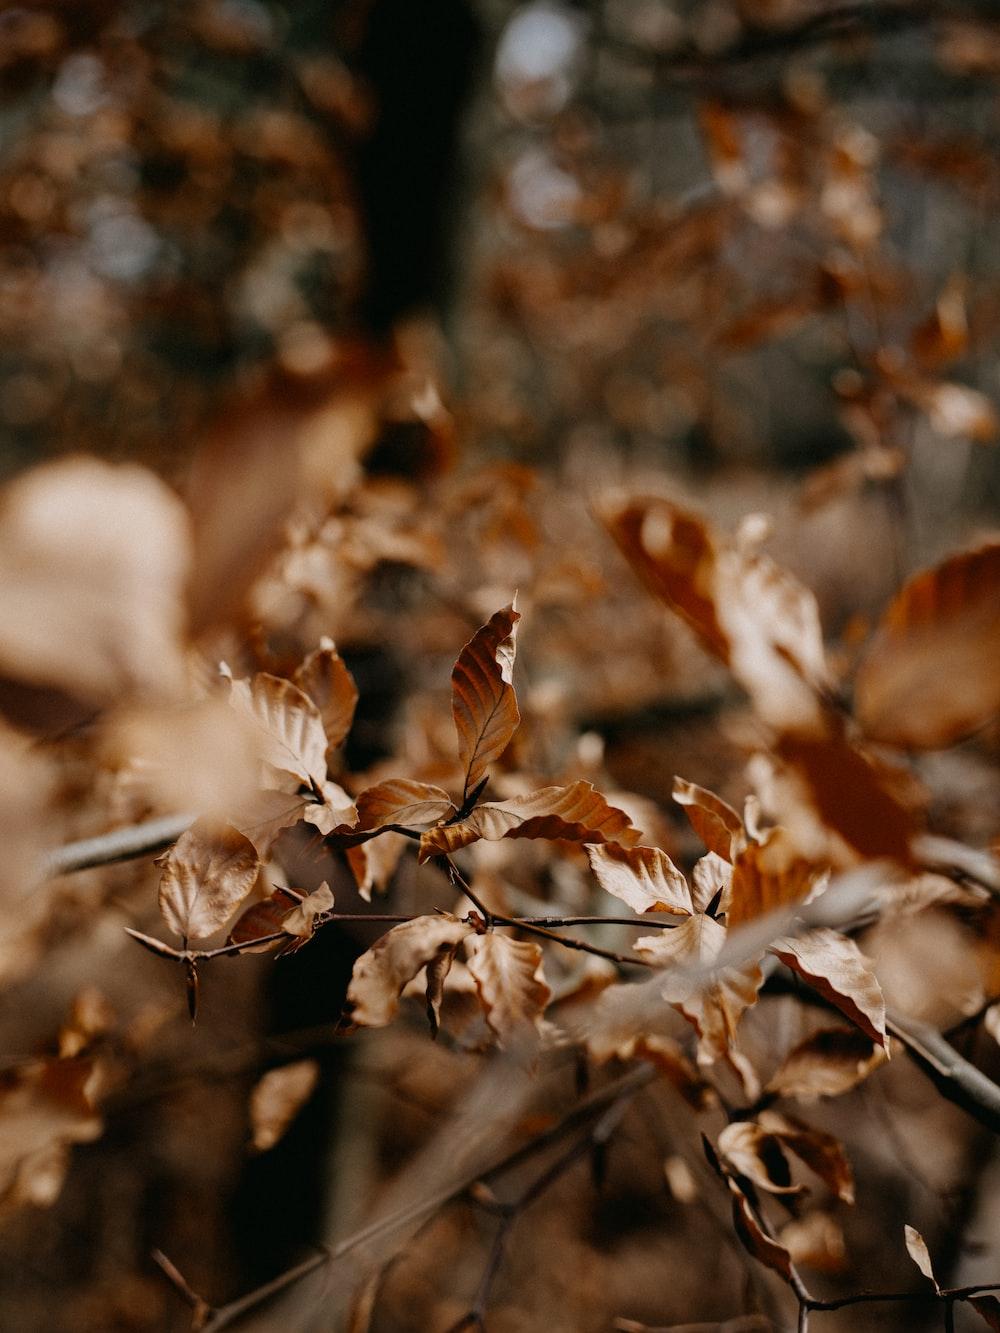 brown dried leaves in tilt shift lens